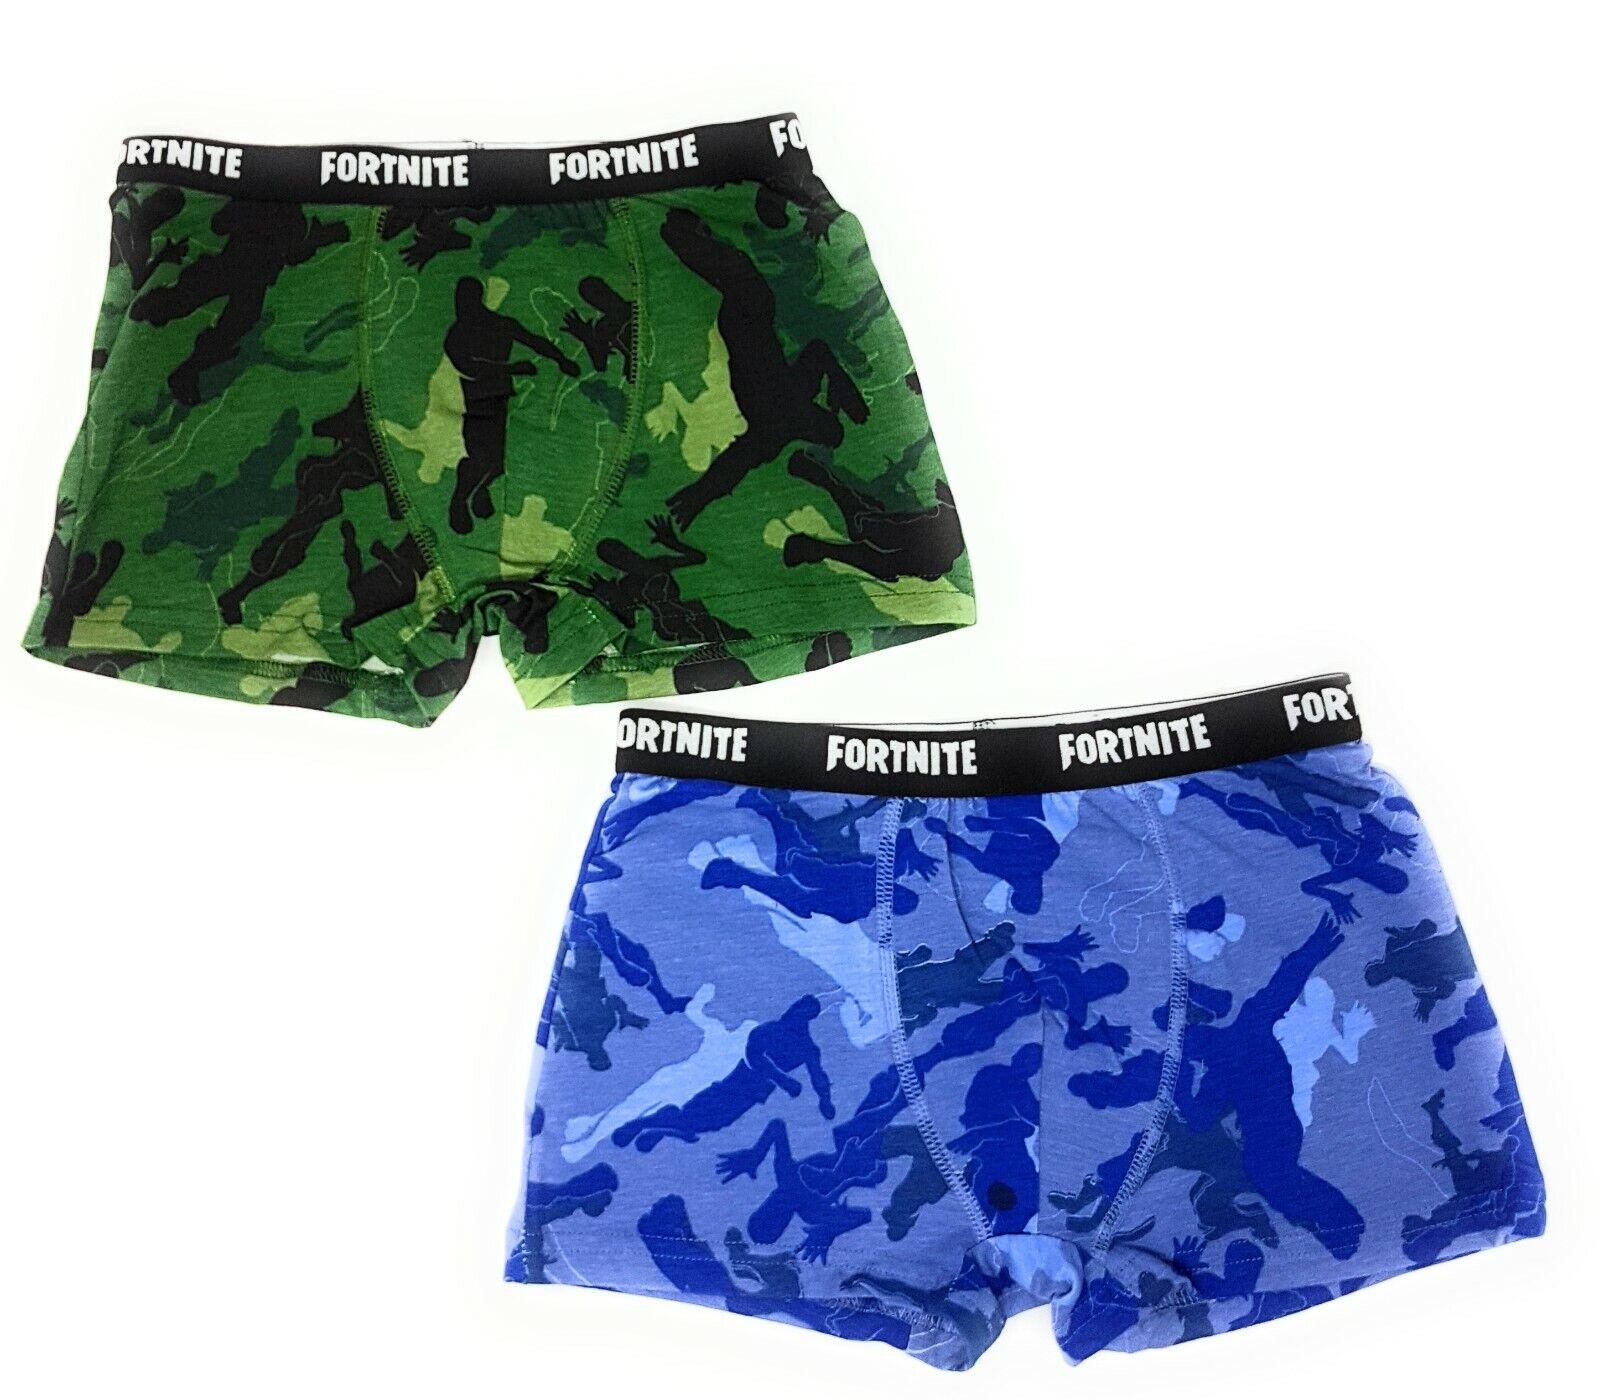 Fortnite Jungen Boxershorts Unterwäsche Unterhosen